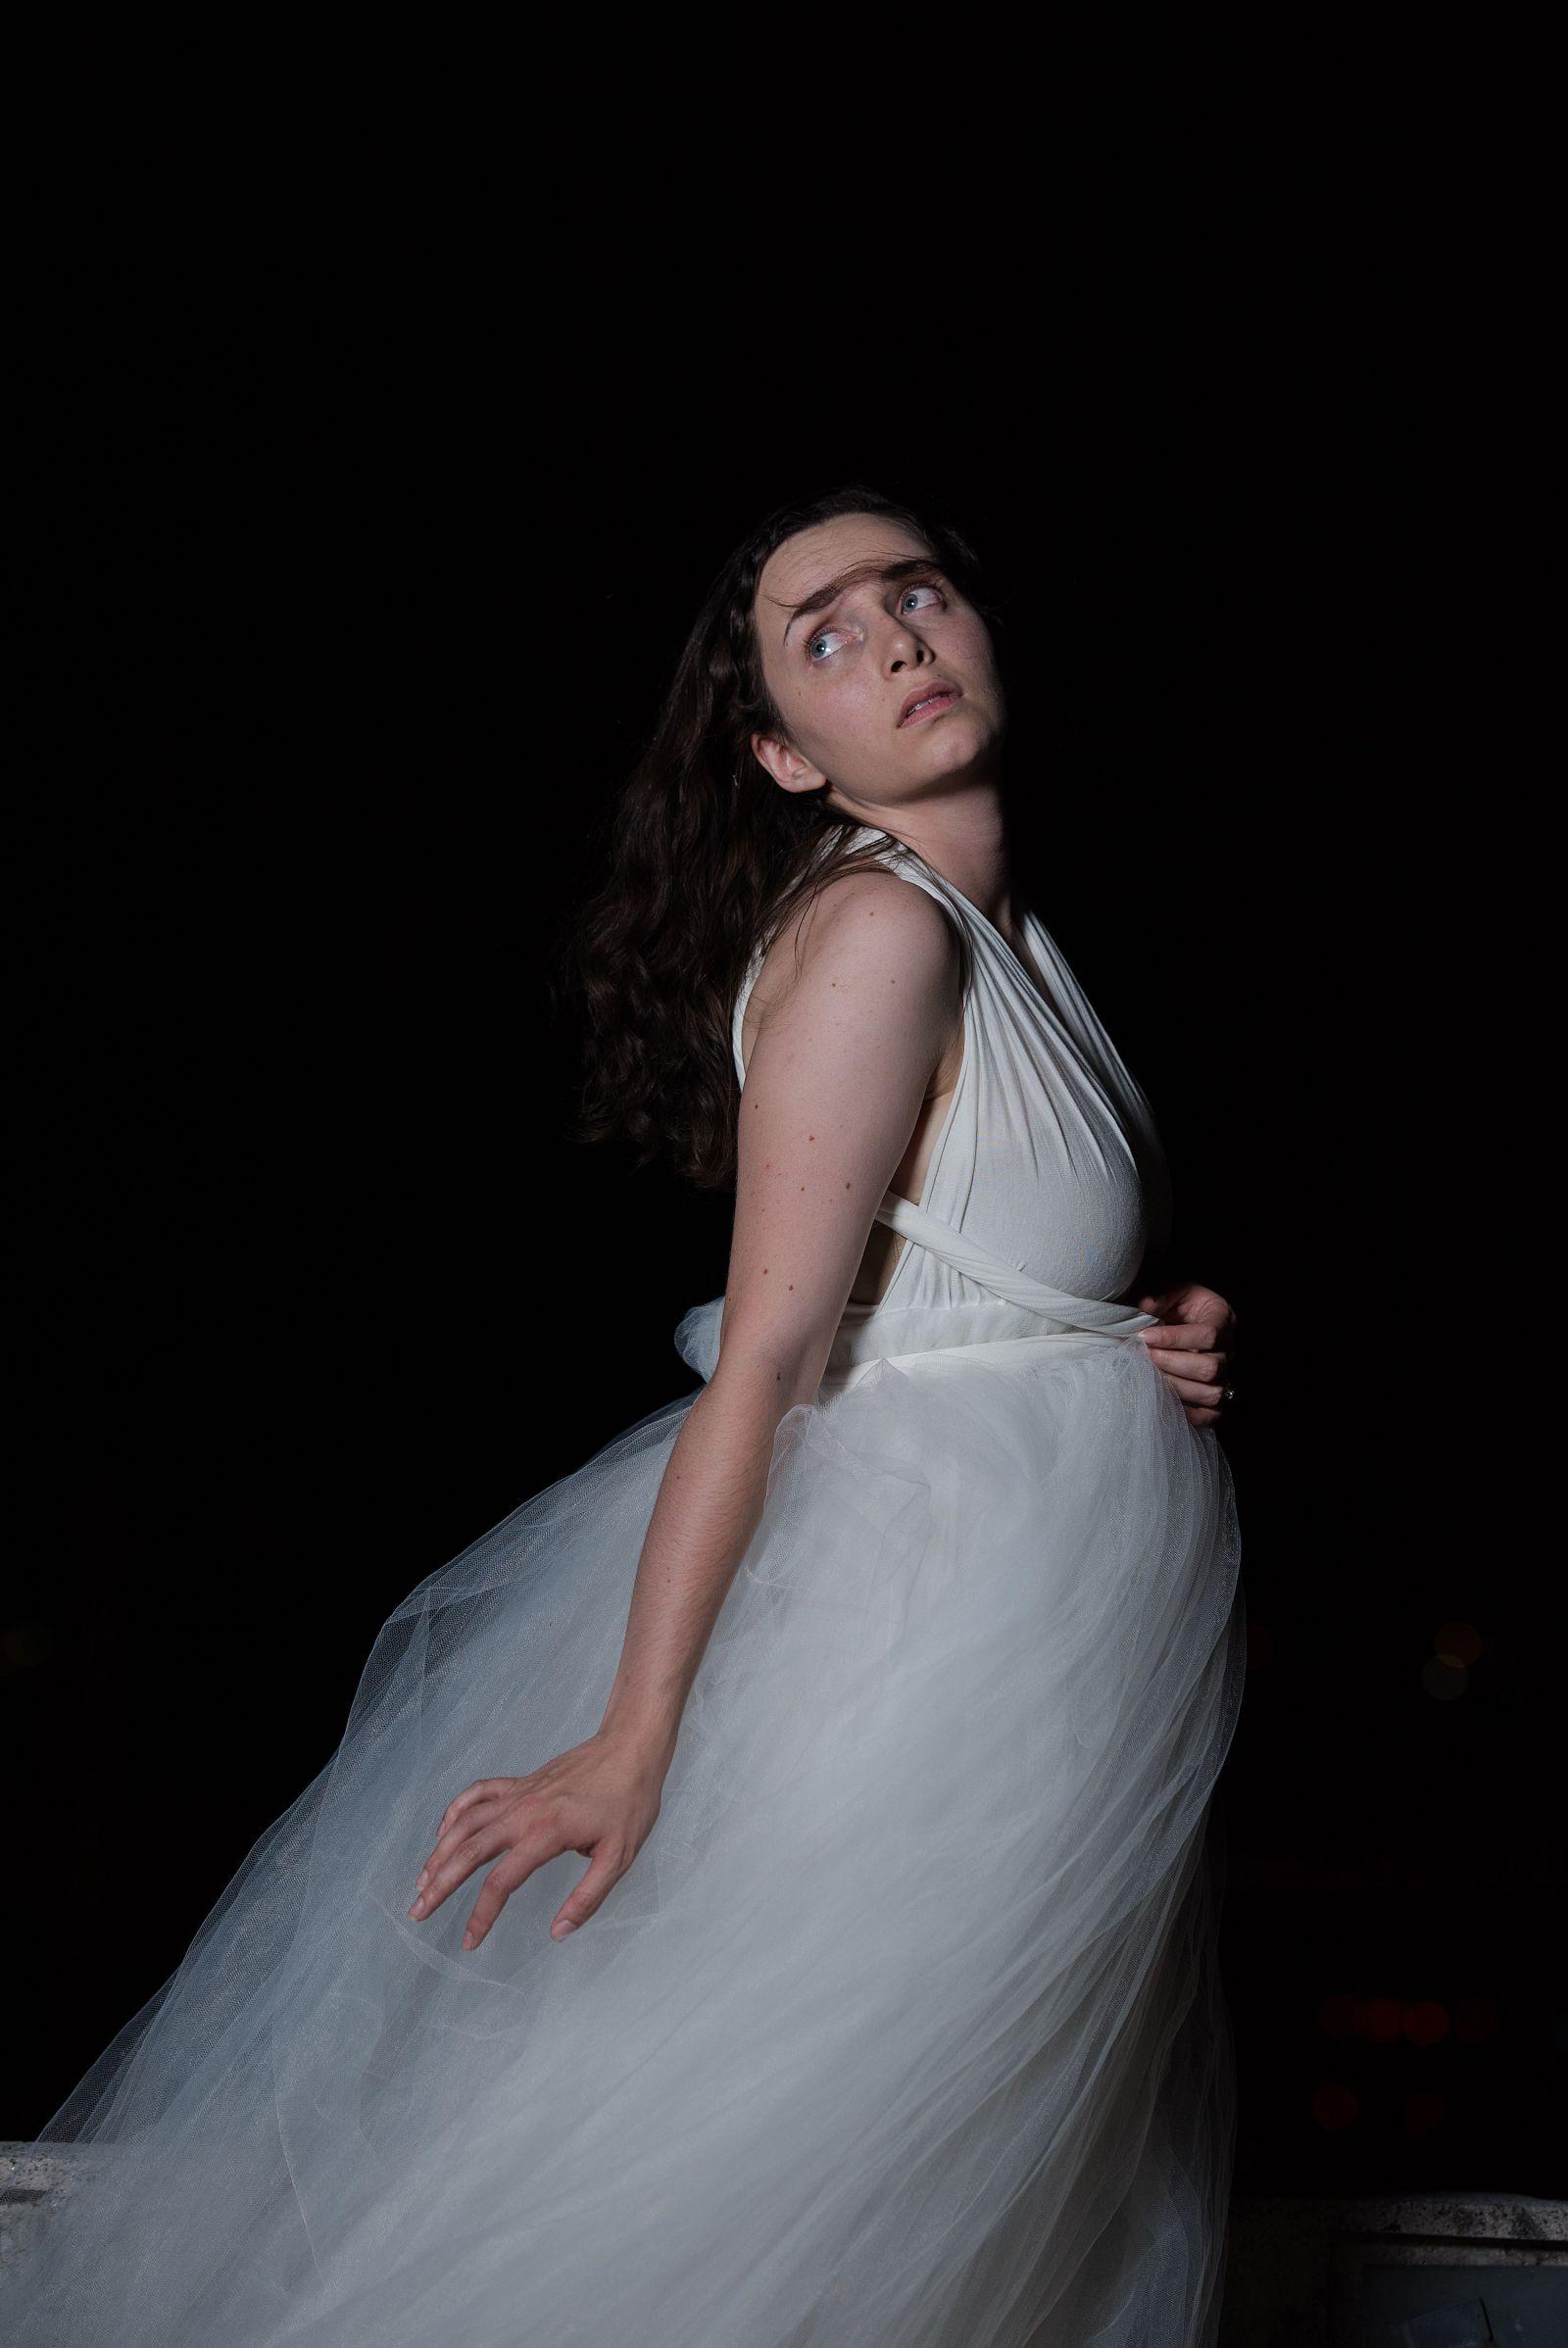 fine art portrait white dress